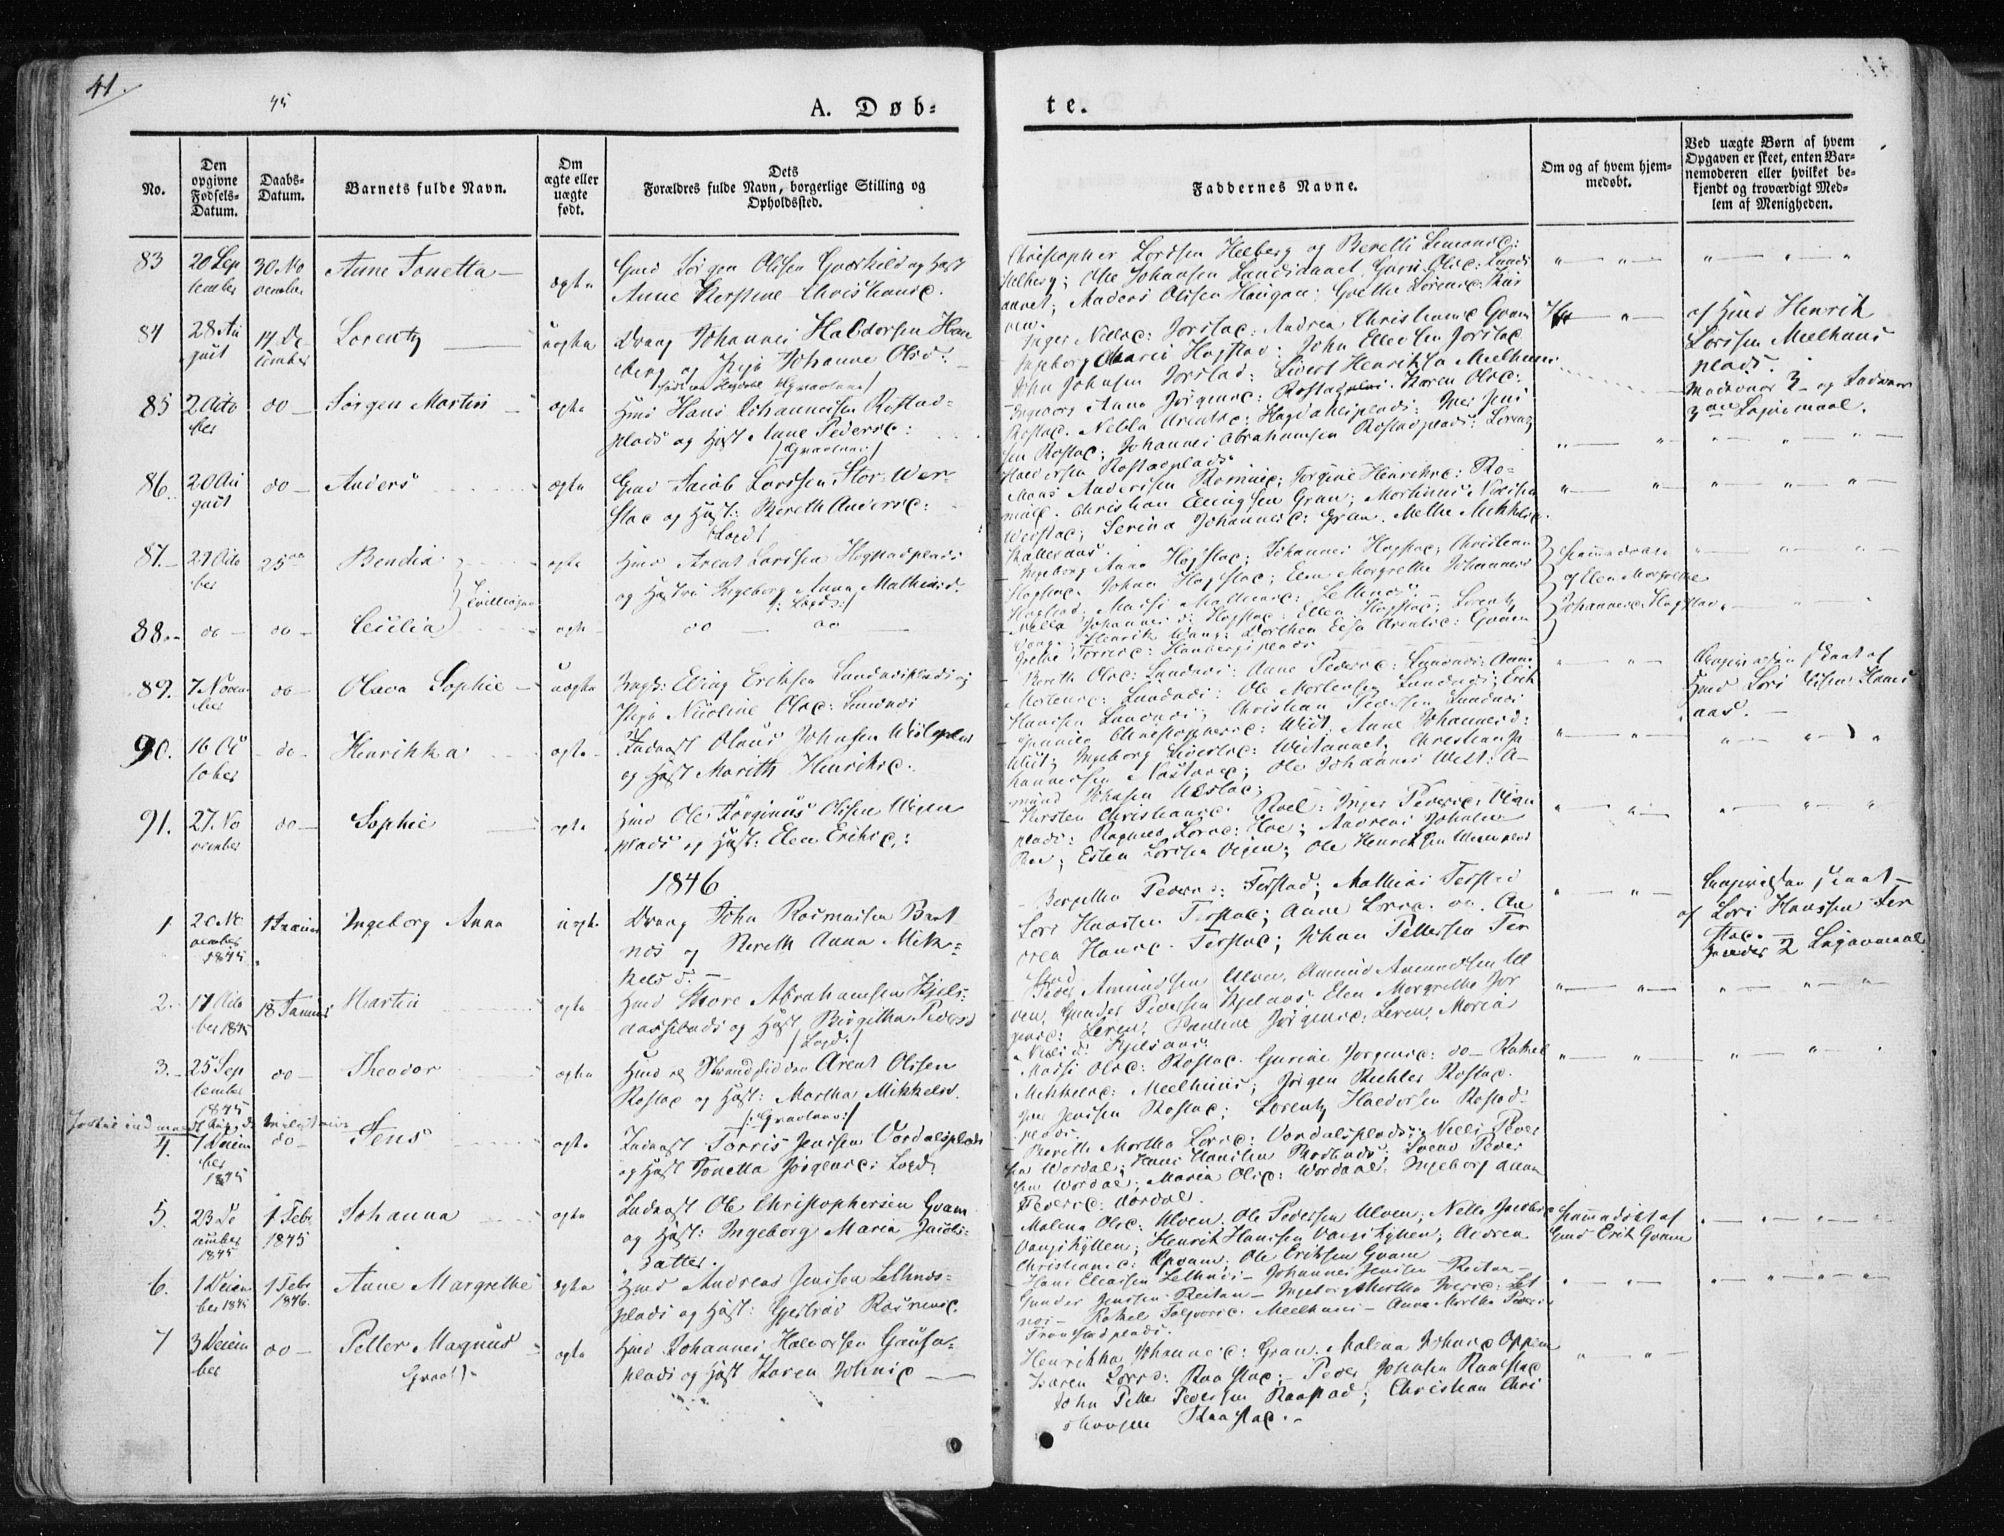 SAT, Ministerialprotokoller, klokkerbøker og fødselsregistre - Nord-Trøndelag, 730/L0280: Ministerialbok nr. 730A07 /1, 1840-1854, s. 41